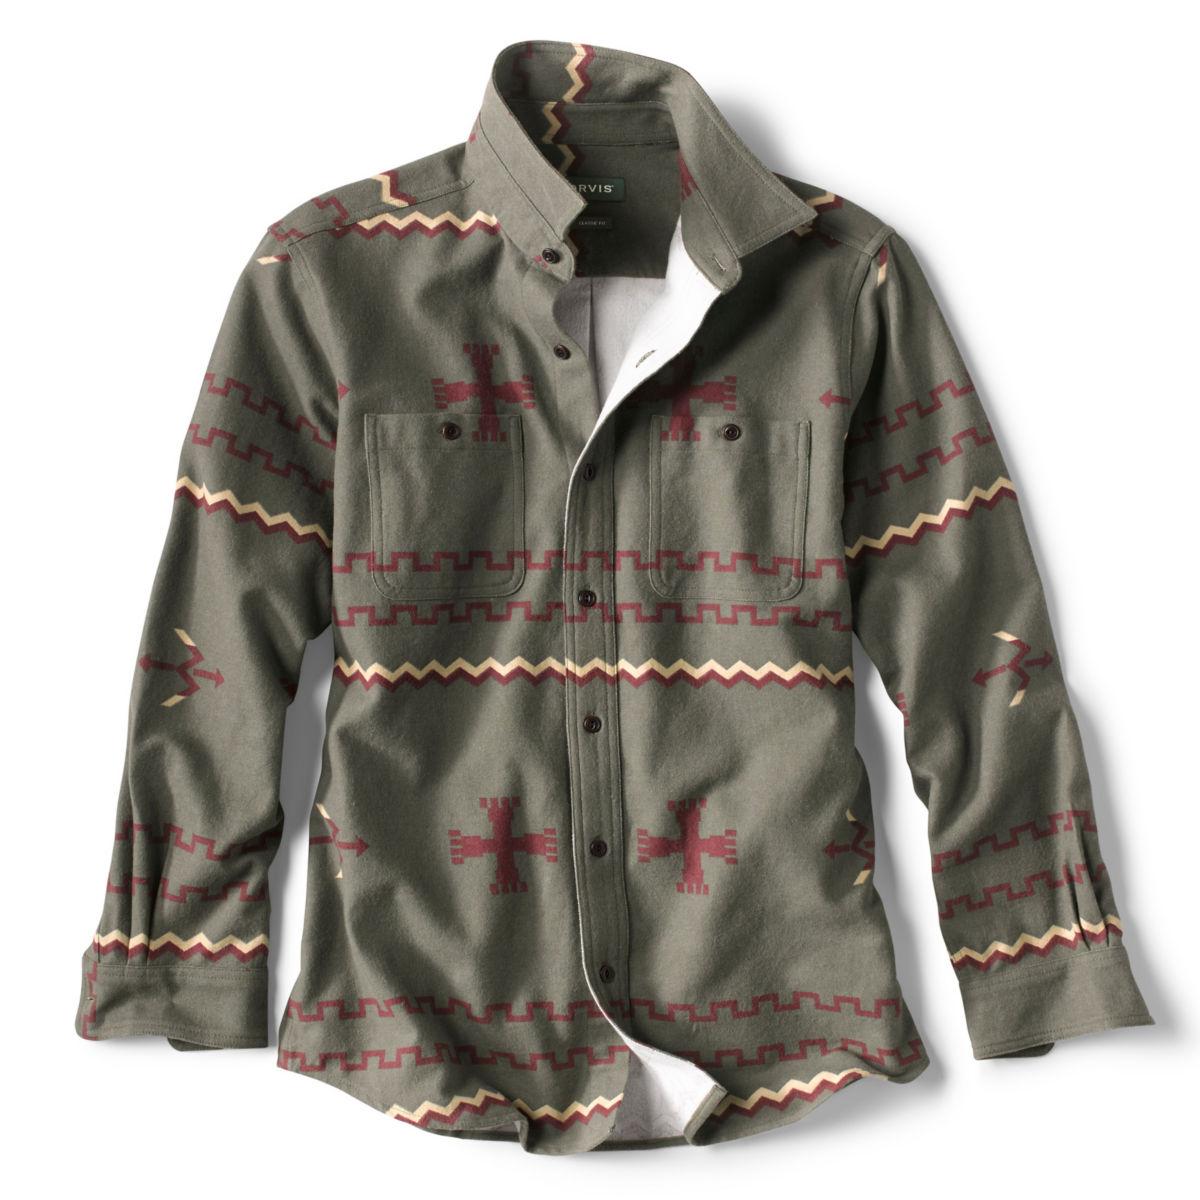 Badlands Long-Sleeved Shirt - OLIVEimage number 0